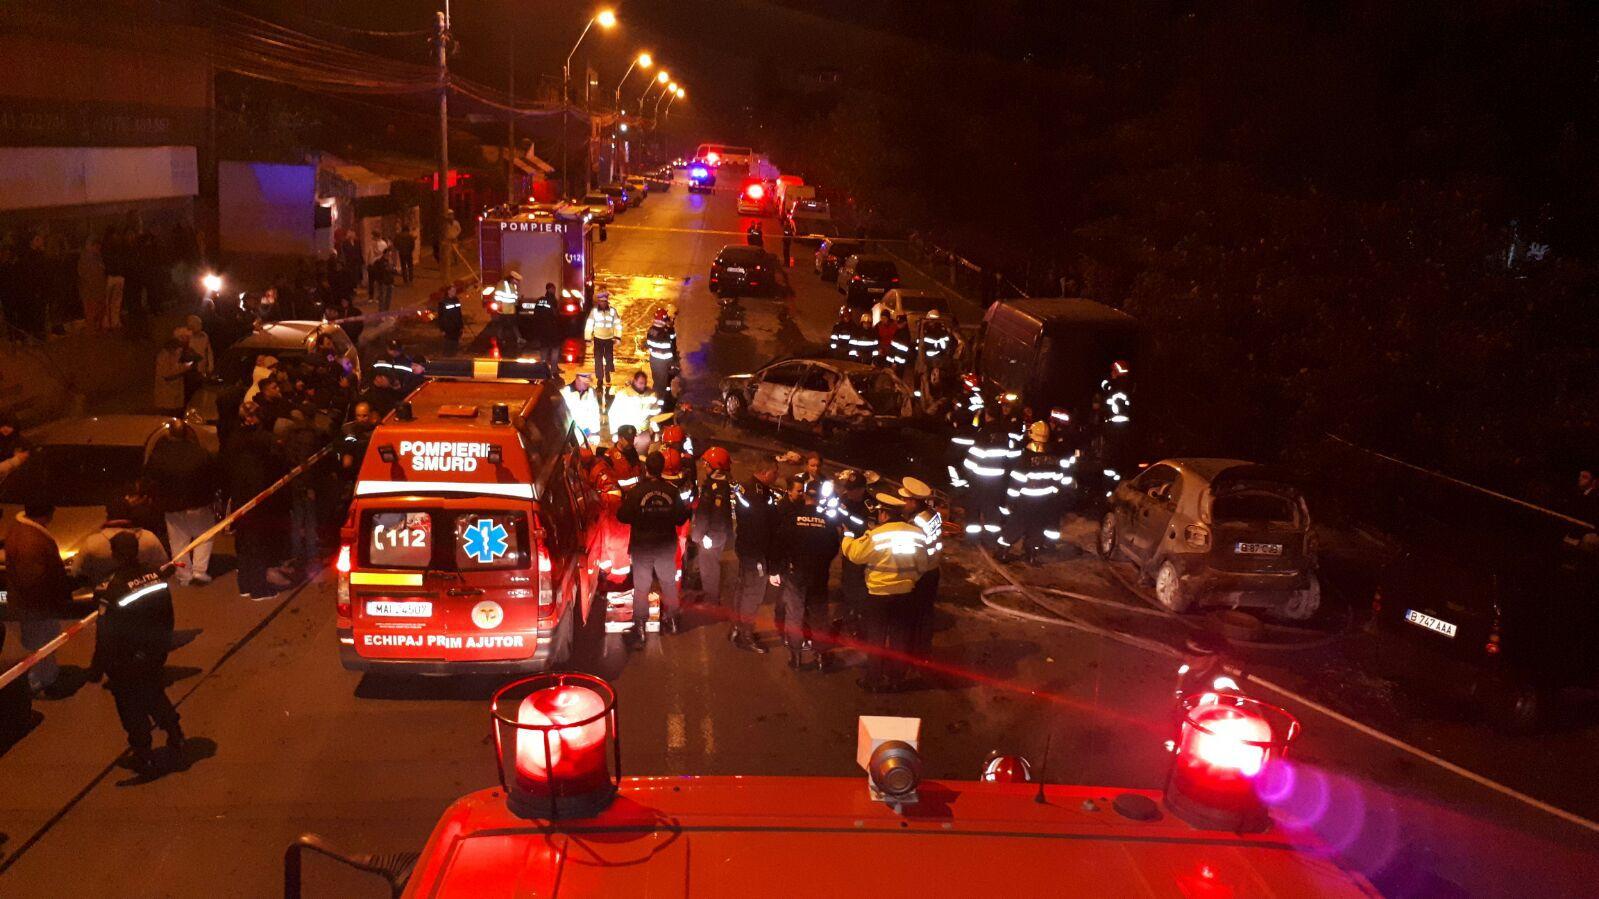 ACCIDENTUL din Capitală în care au ars patru maşini: Tânăra de 18 ani, rănită marţi seara, este în stare foarte gravă | VIDEO